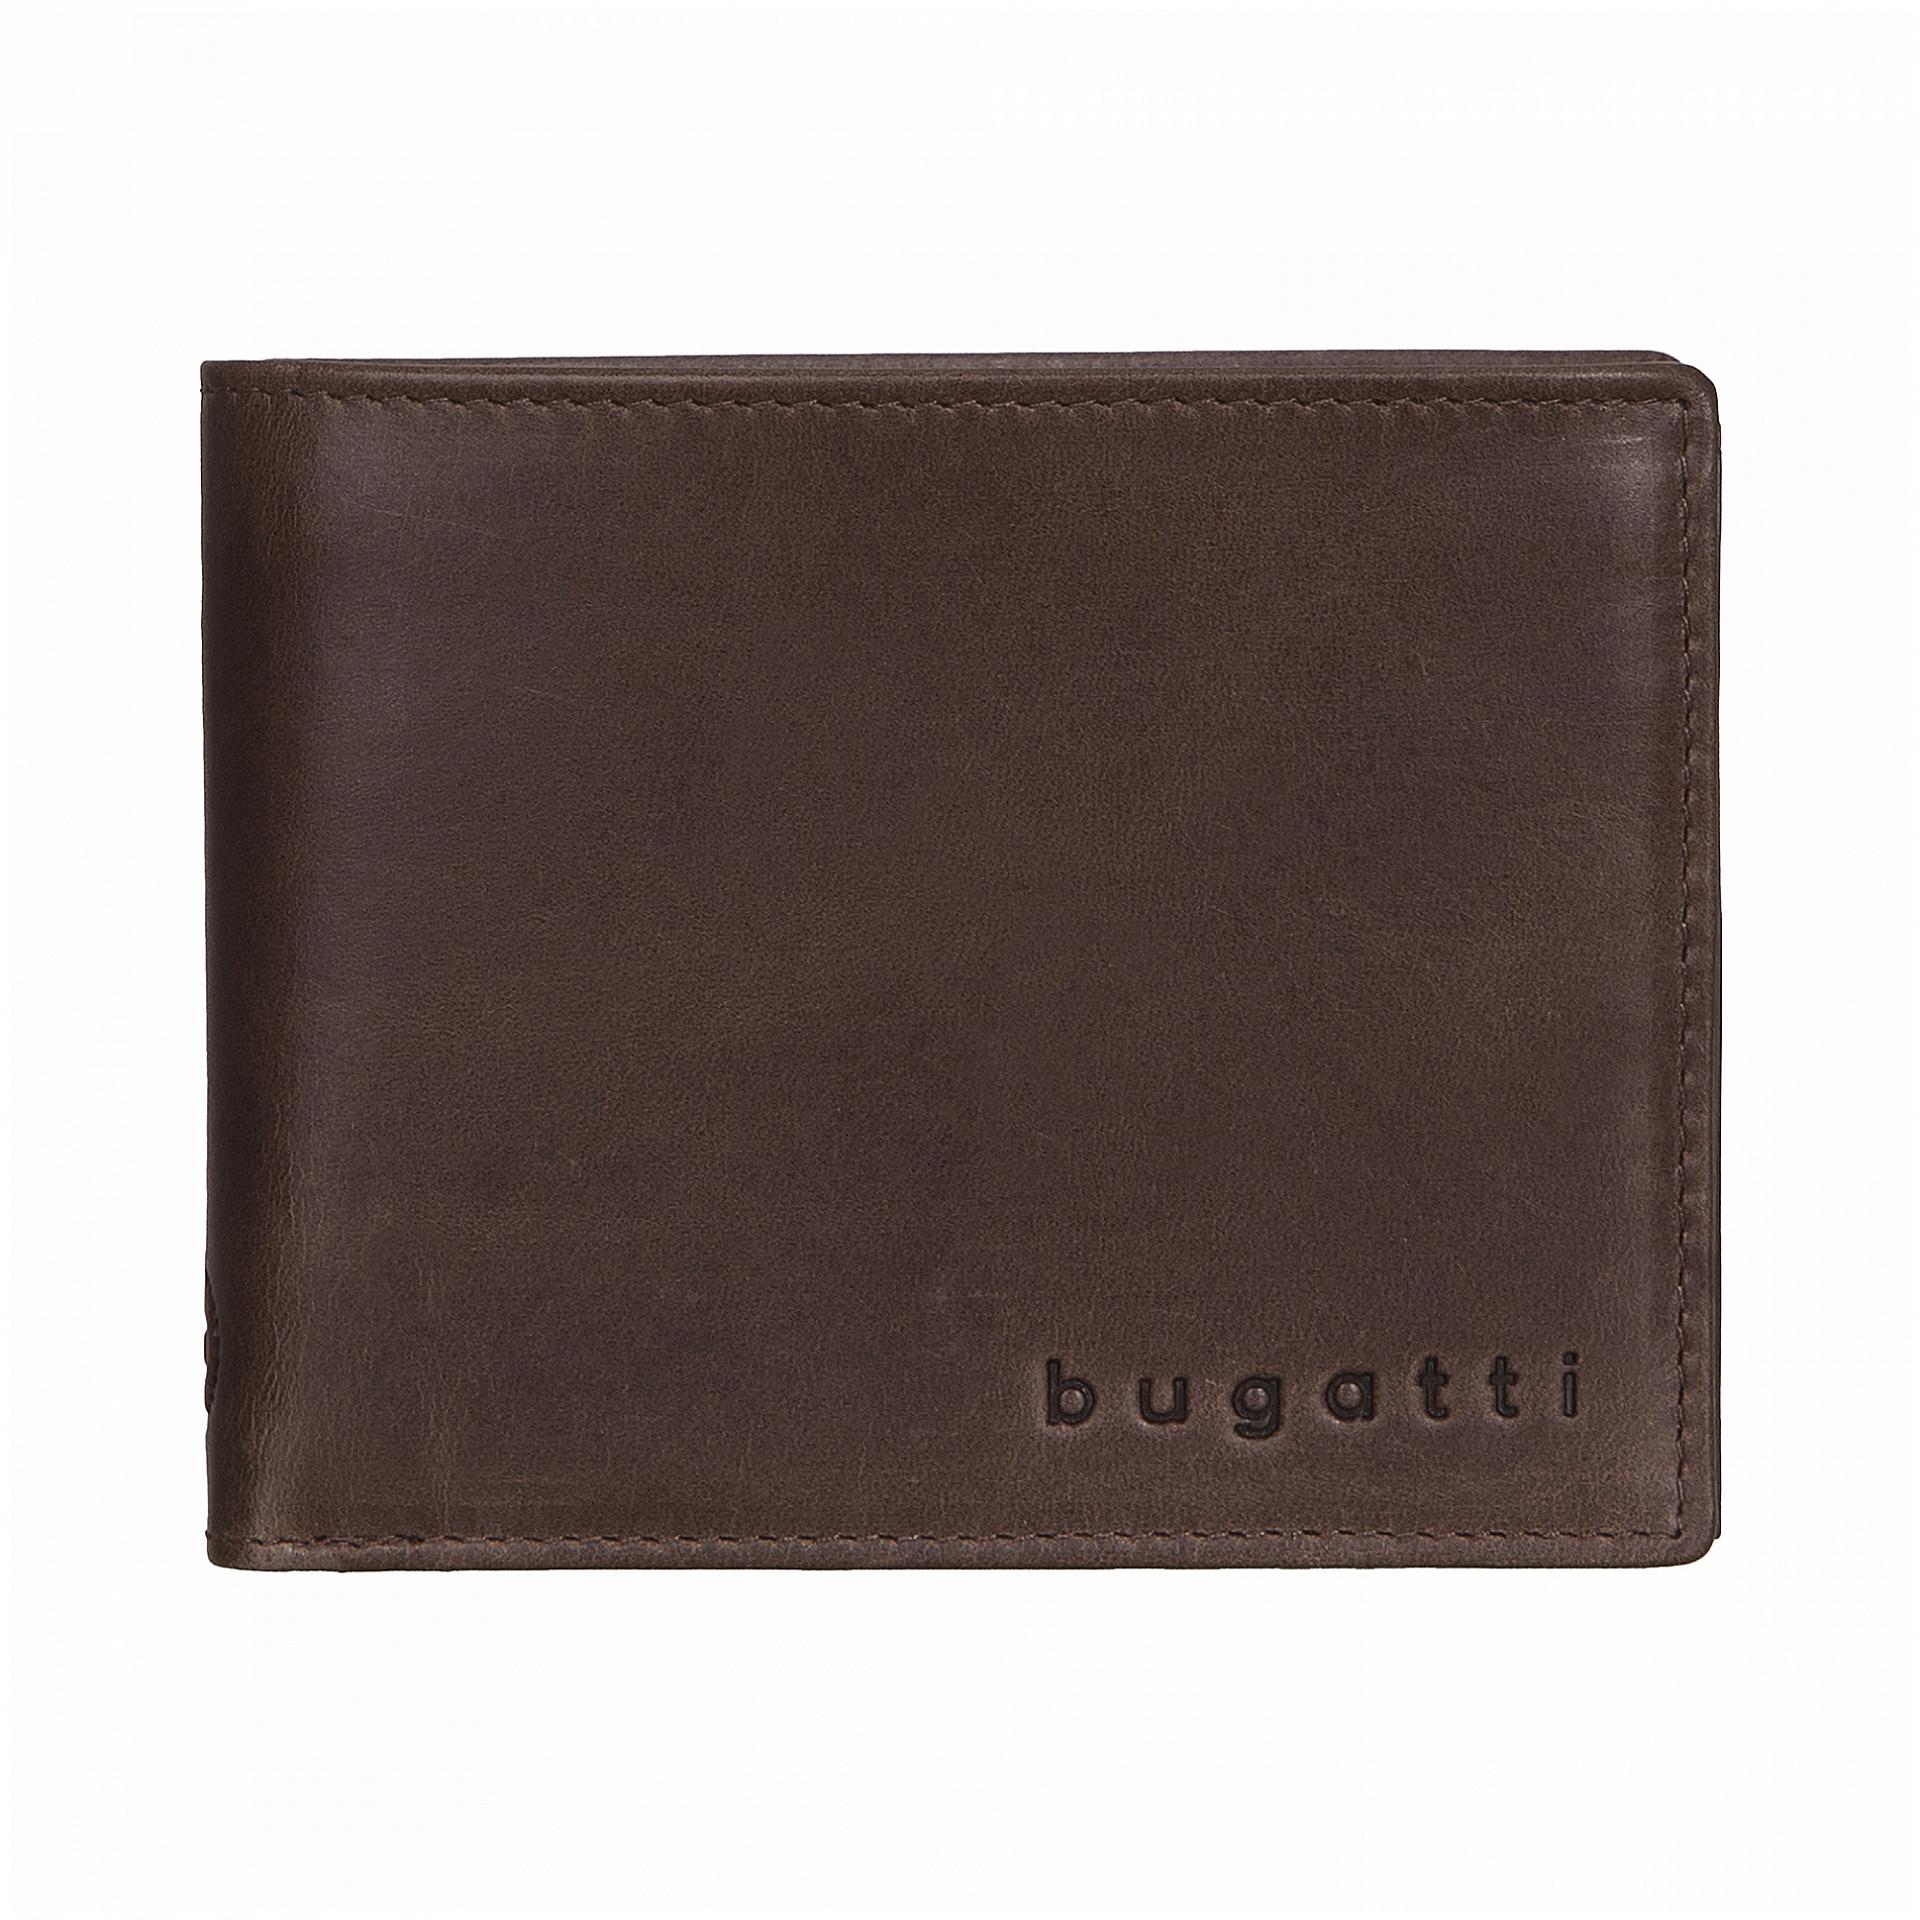 Bugatti Pánská kožená peněženka VOLO 49217802 hnědá